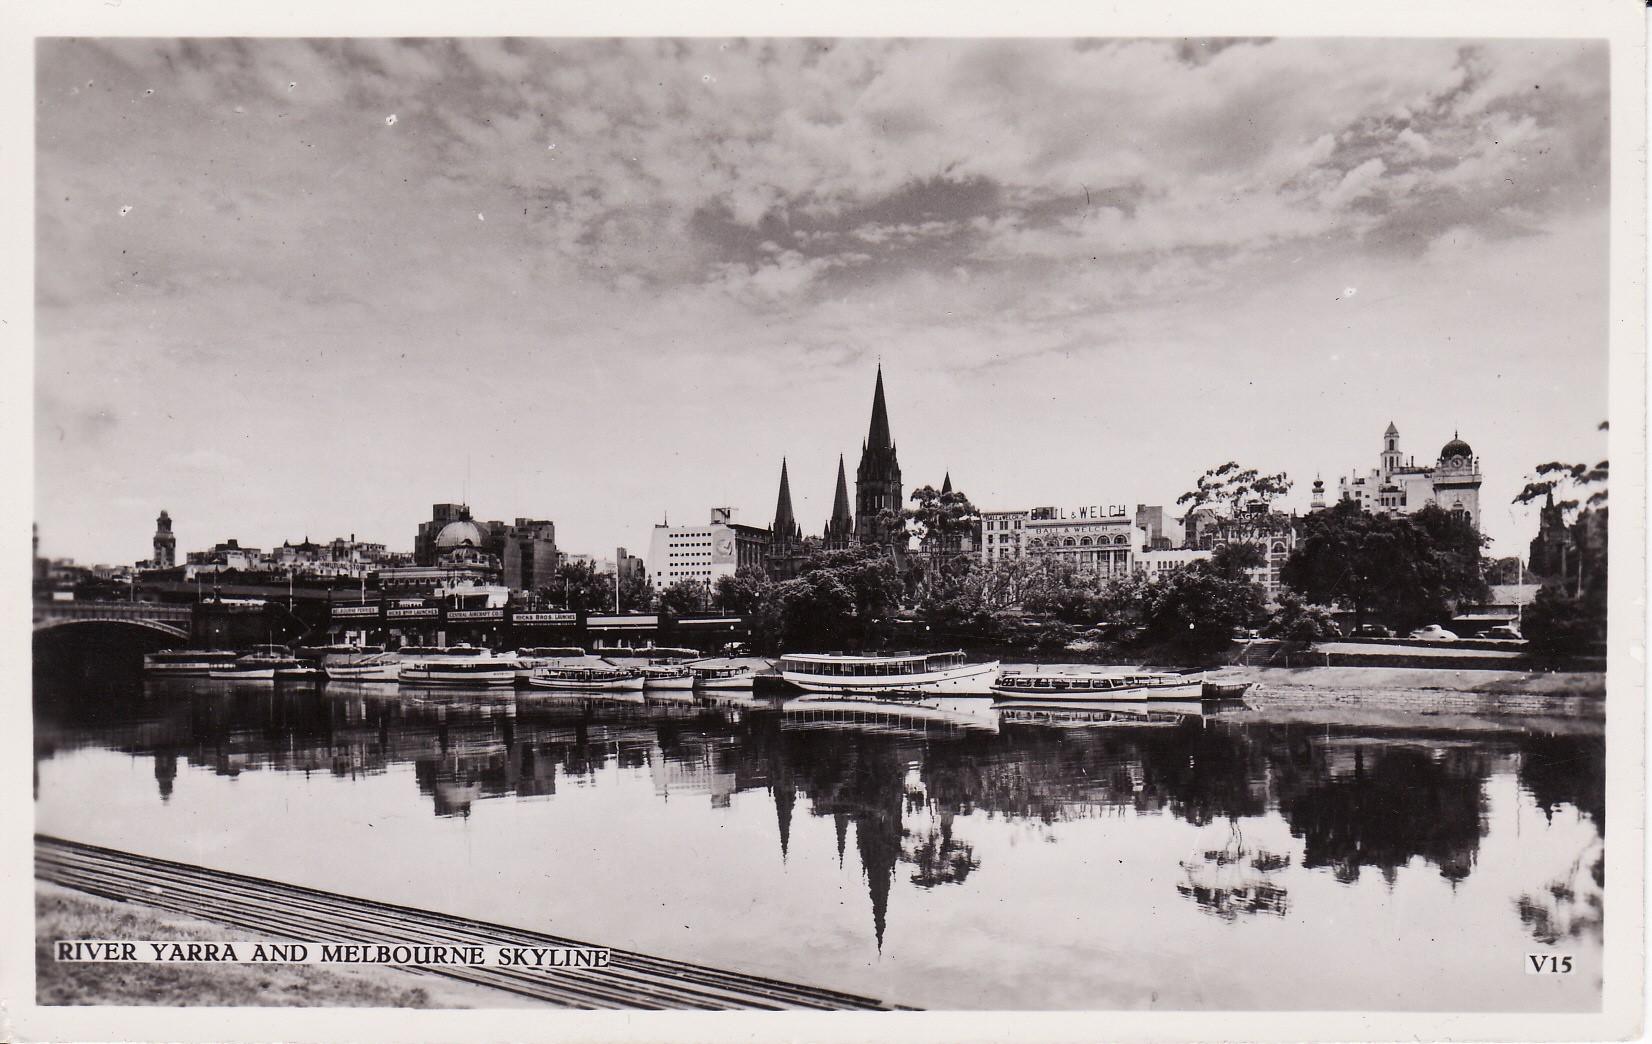 Η Μελβούρνη του 1954 Από τον ποταμό Γιάρρα διακρίνεται ο σιδηροδρομικός σταθμός  Φλίντερς και ο καθεδρικός ναός που ήταν το υψηλότερο τότε κτίριο μέσα στη πόλη.